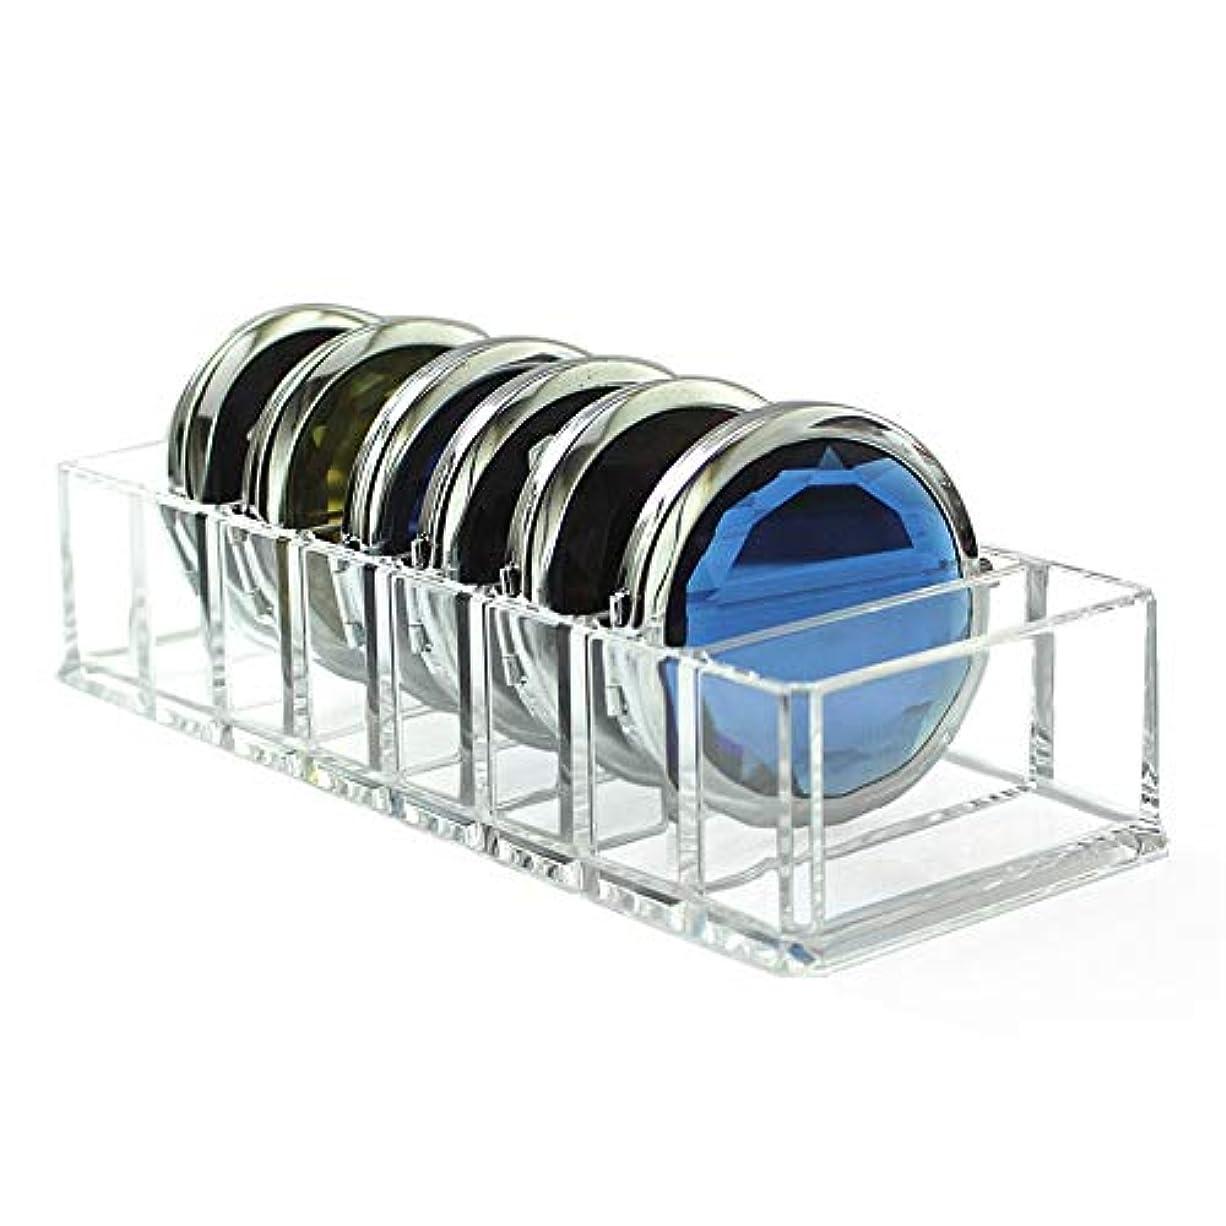 整理簡単 化粧品アイシャドウフェイスパウダー用シンプルアクリルクリアメイクオーガナイザーホルダー収納ケースボックス (Color : Clear, Size : 25.5*8.8*4.7cm)